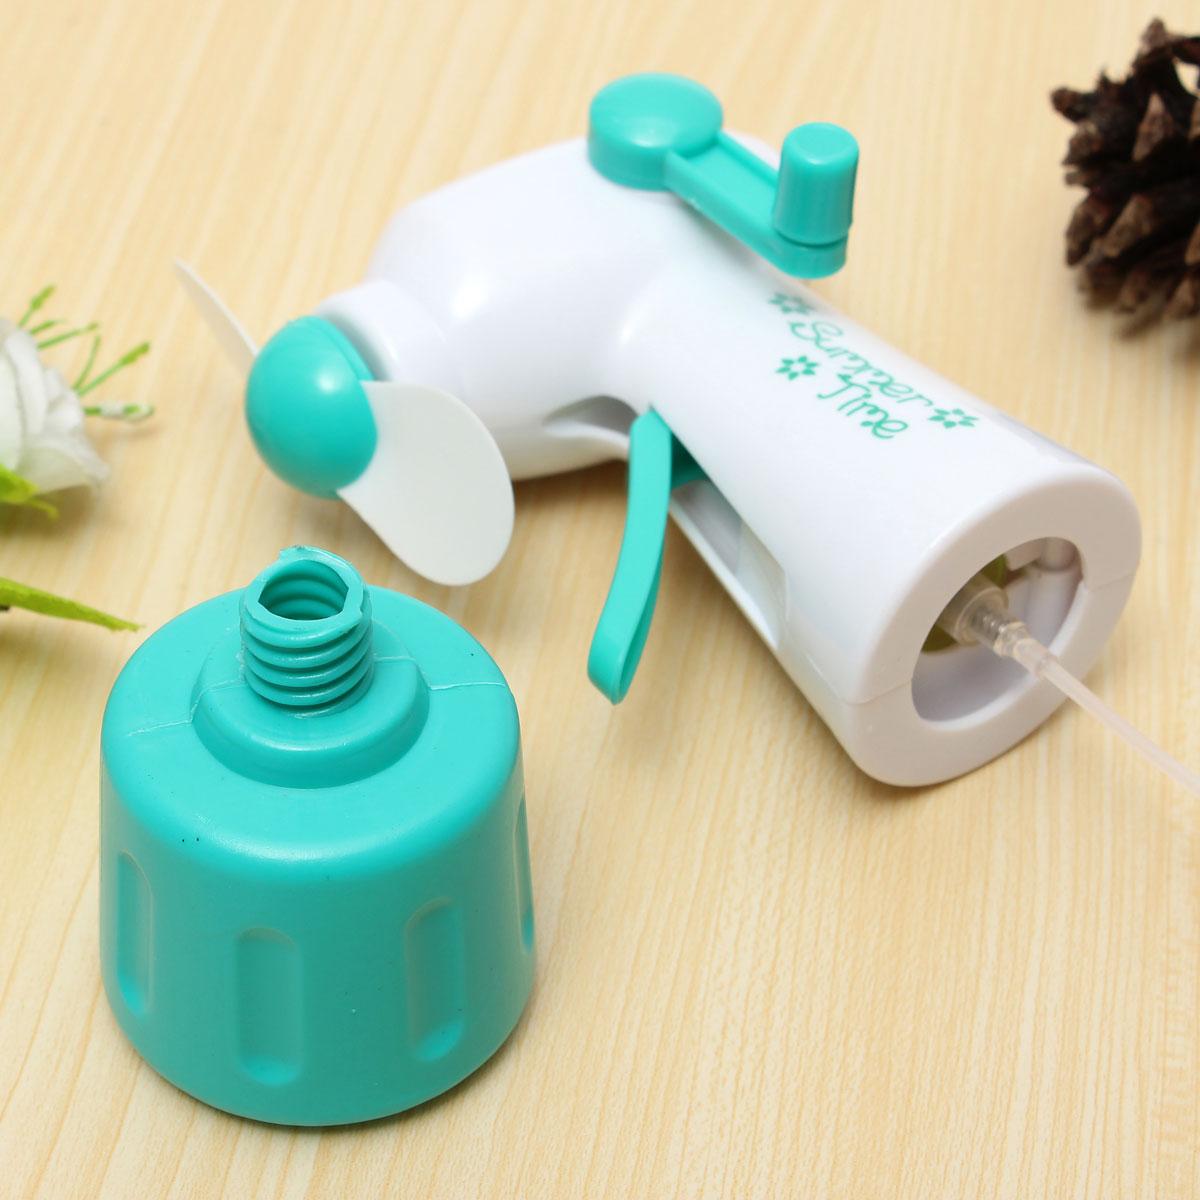 Fan Mister Bottle : Portable handheld cooling water spray mist fan